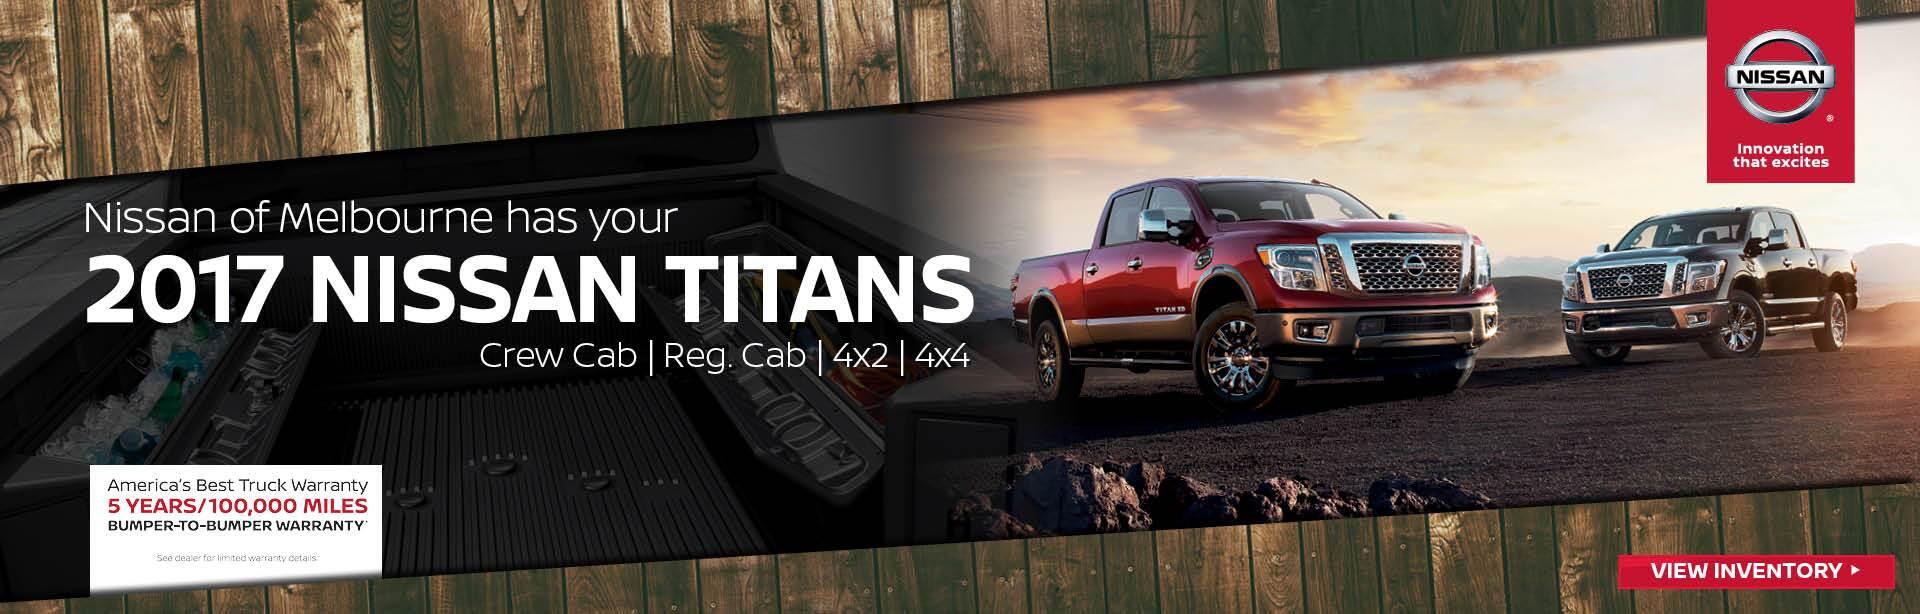 2017 nissan titan arrived